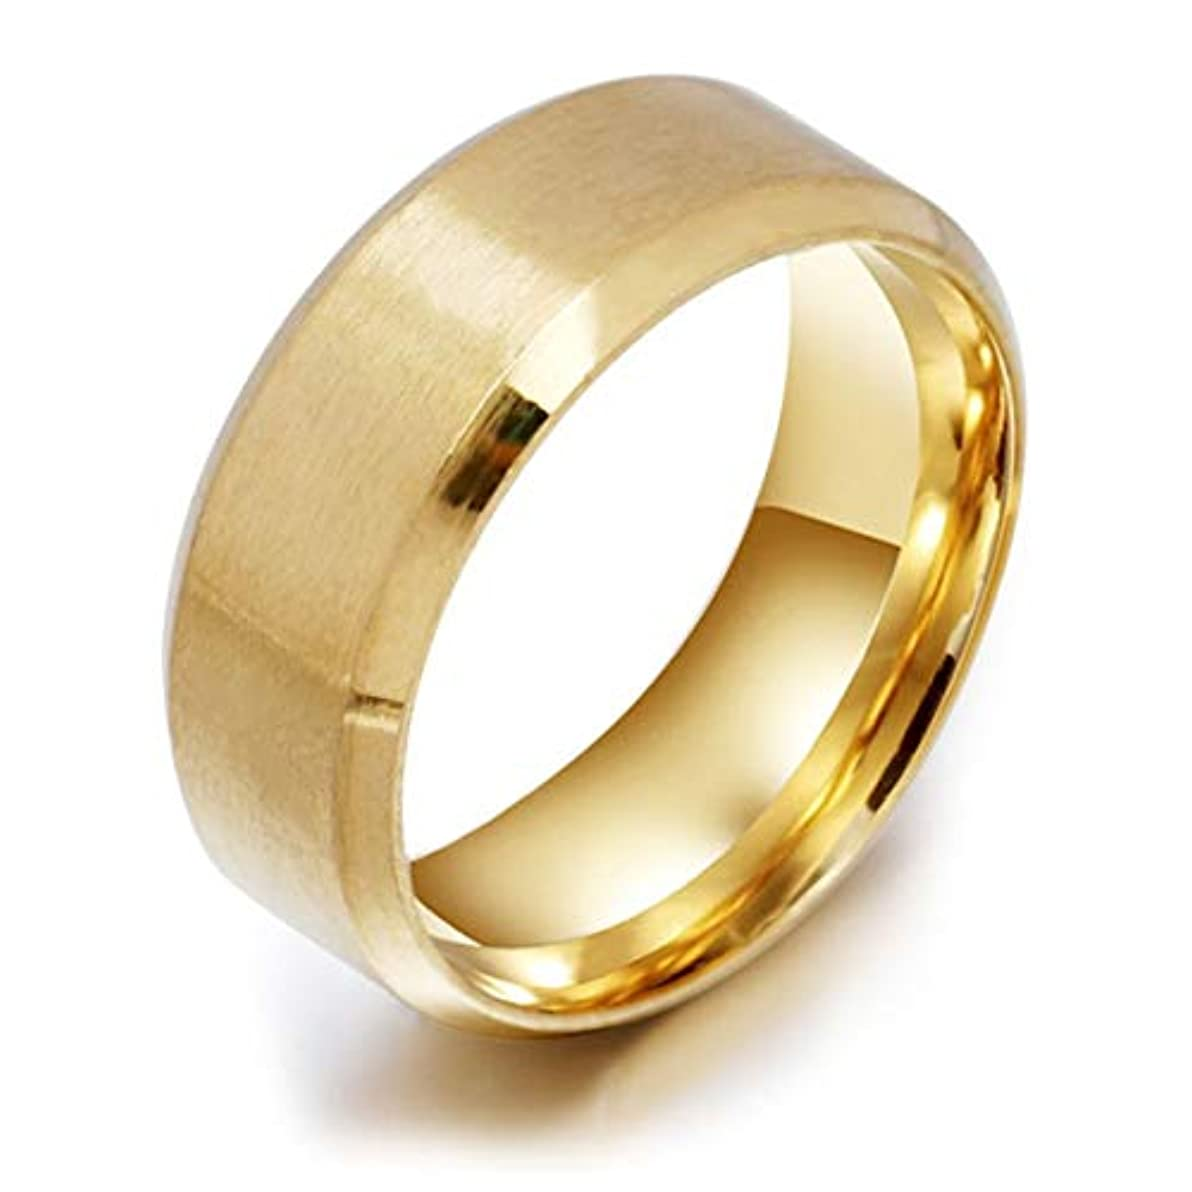 プログレッシブ終了するネズミIntercoreyステンレス鋼医療指輪クリエイティブ磁気減量リングジュエリー